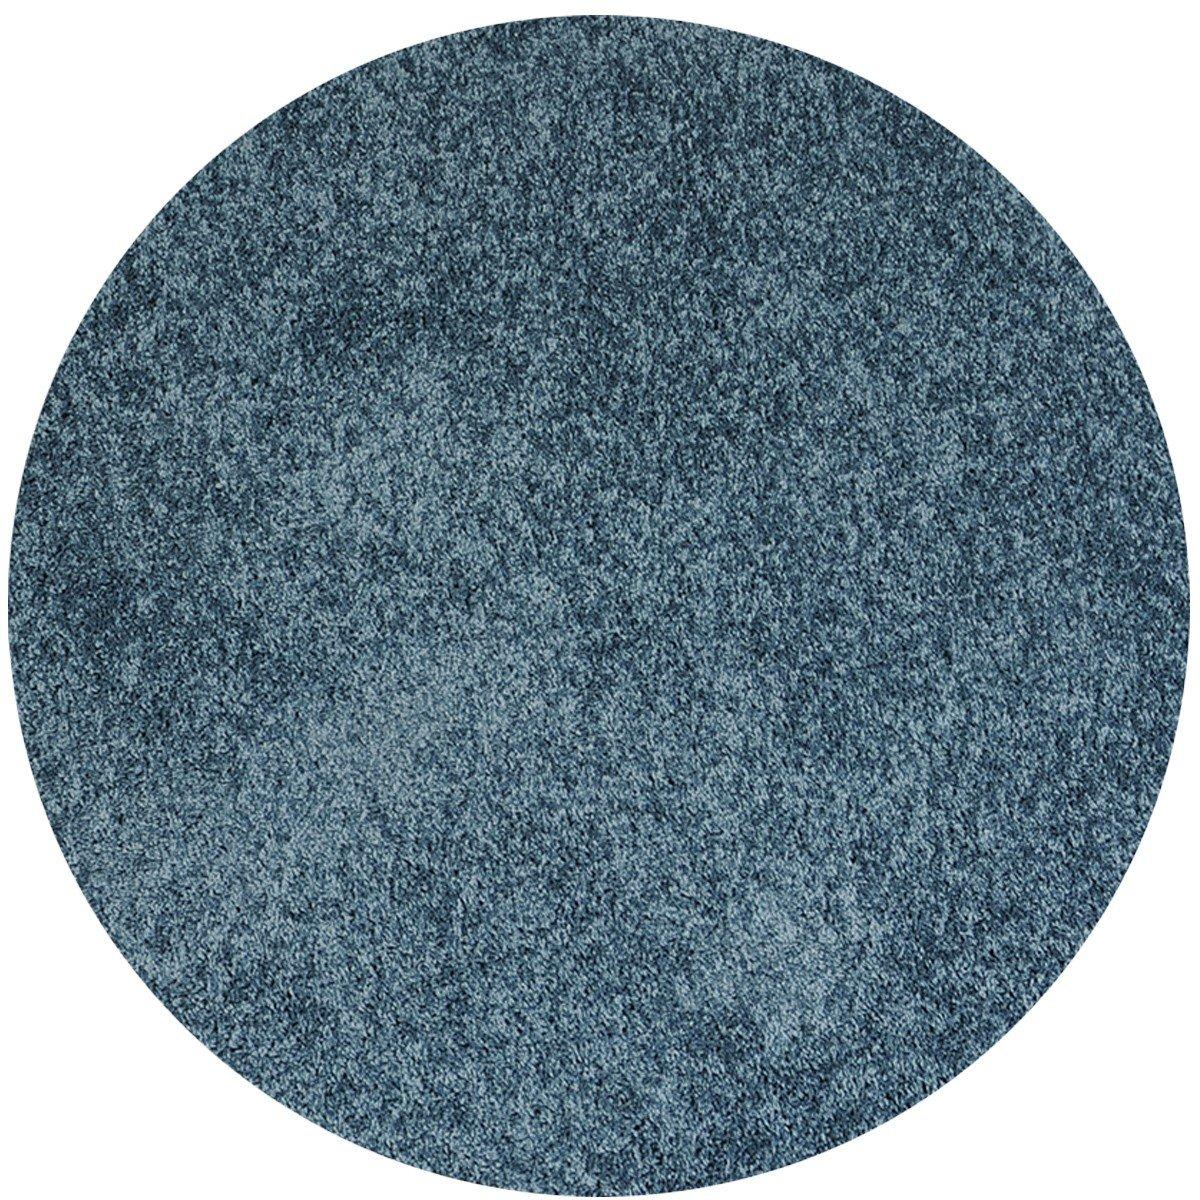 Havatex Shaggy Teppich Euphoria rund - Farbe wählbar   Prüfsiegel  TÜV-geprüft   robust strapazierfähig und pflegeleicht   Schlafzimmer Wohnzimmer Kinderzimmer, Farbe Türkis, Größe 300 cm rund